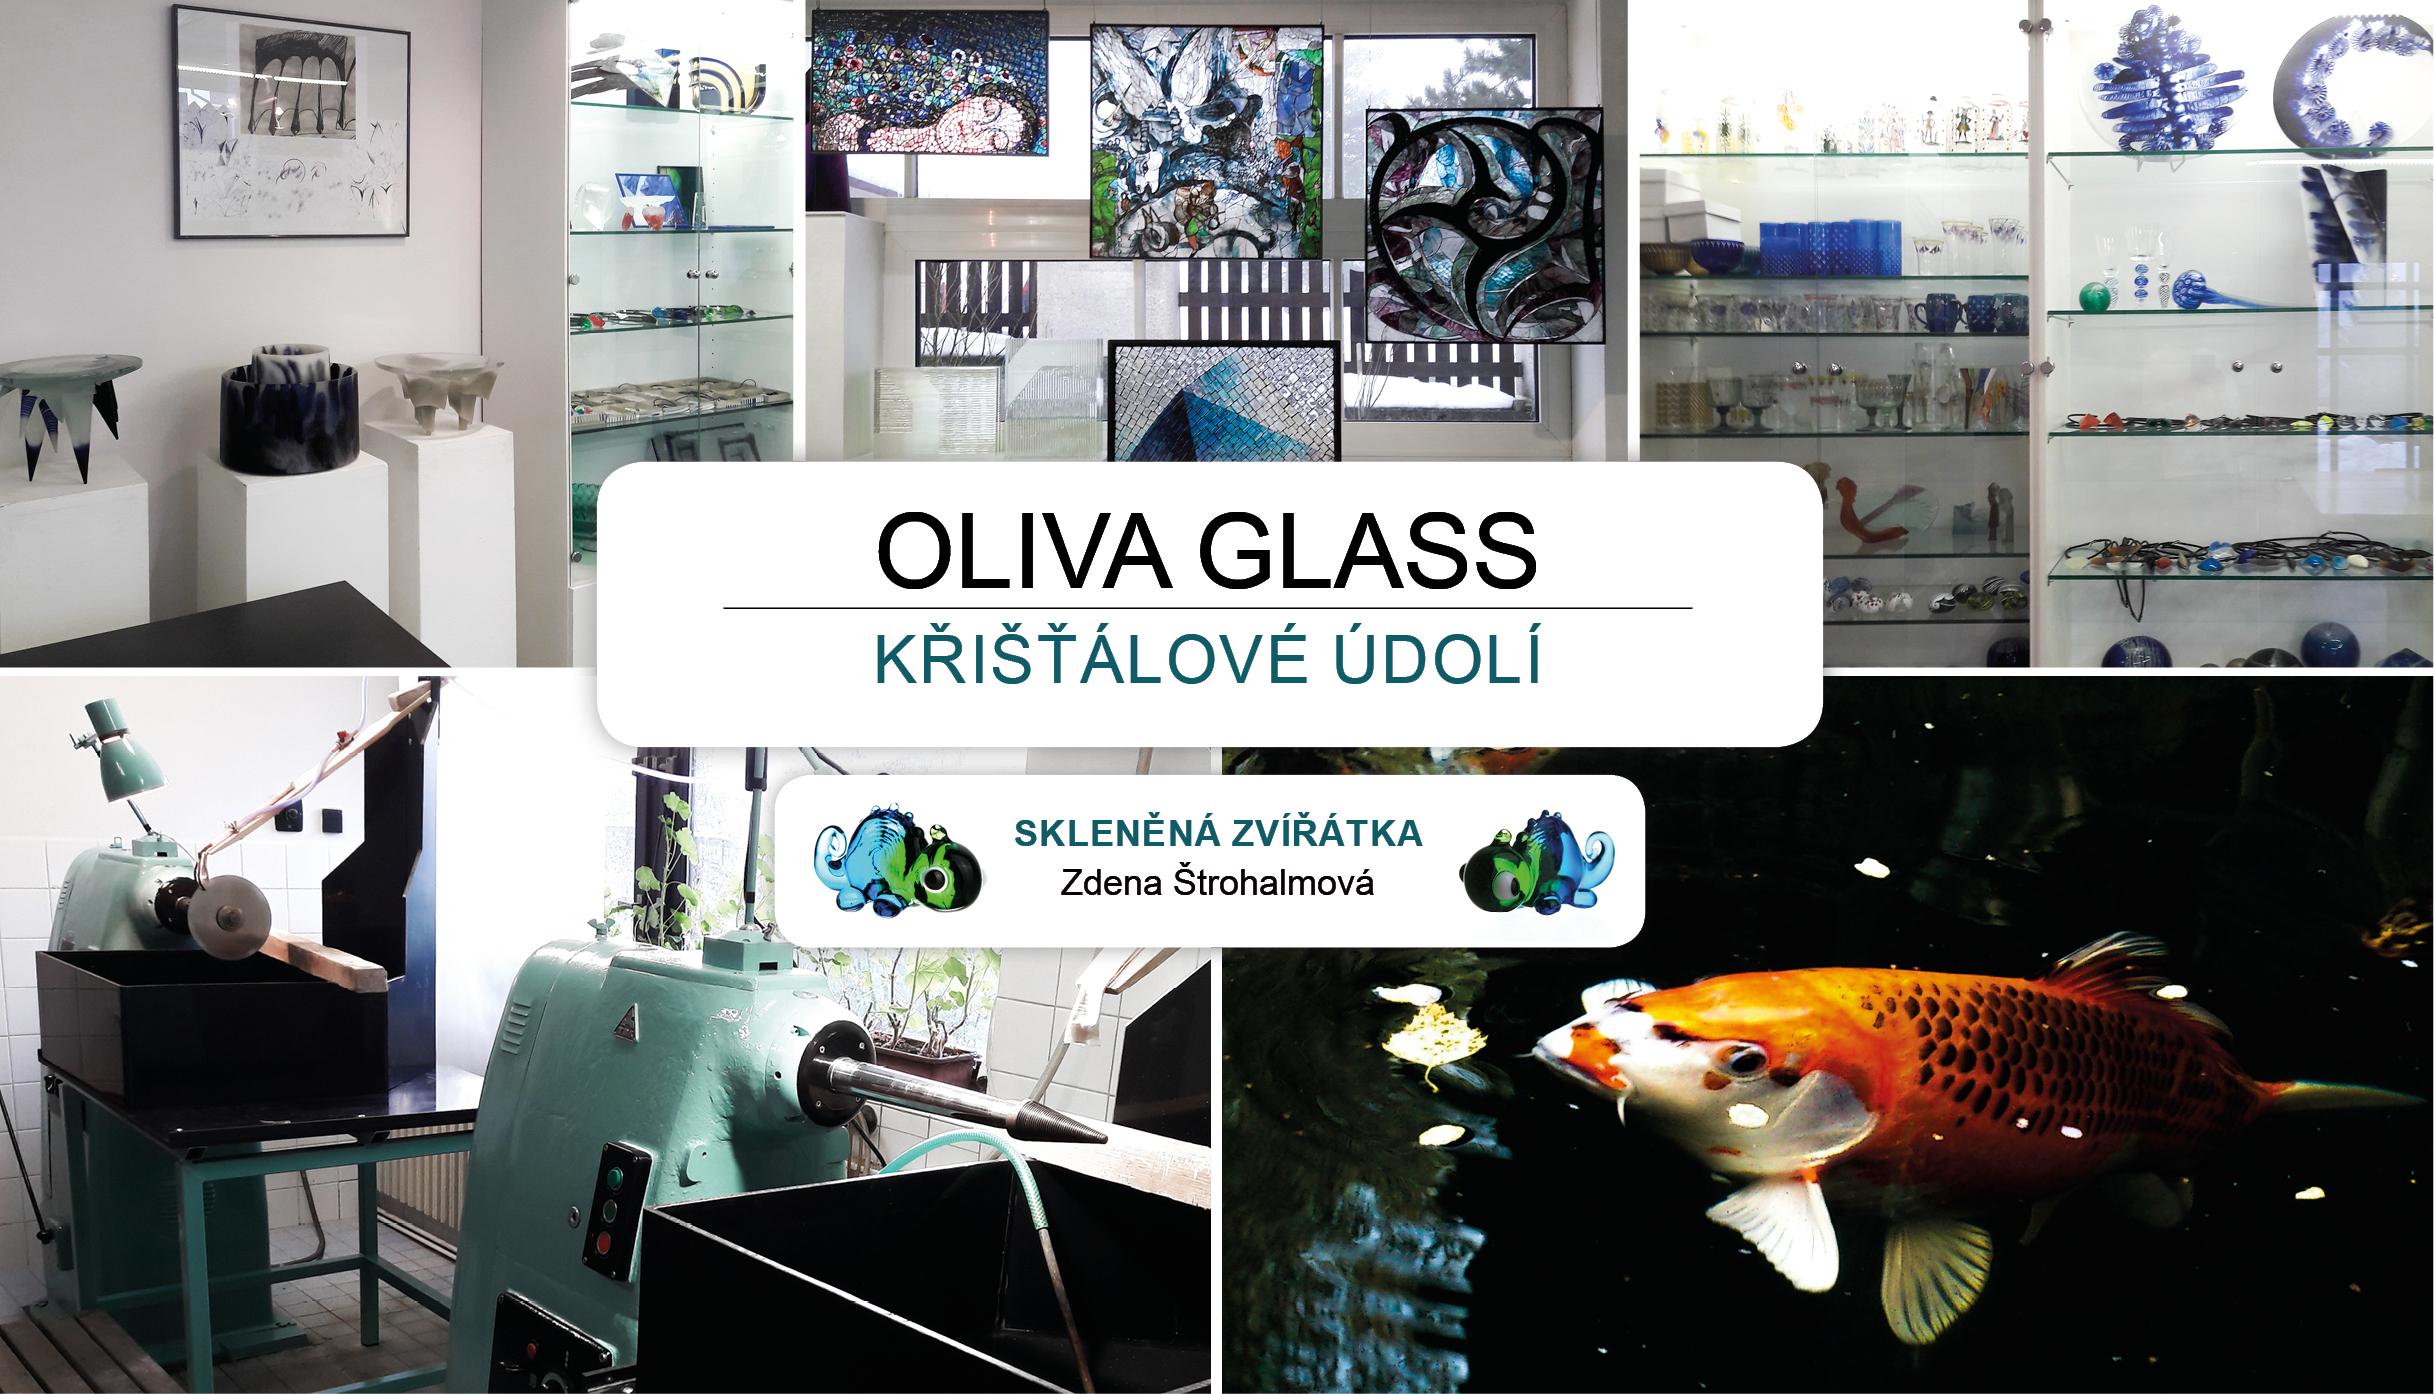 Oliva Glass